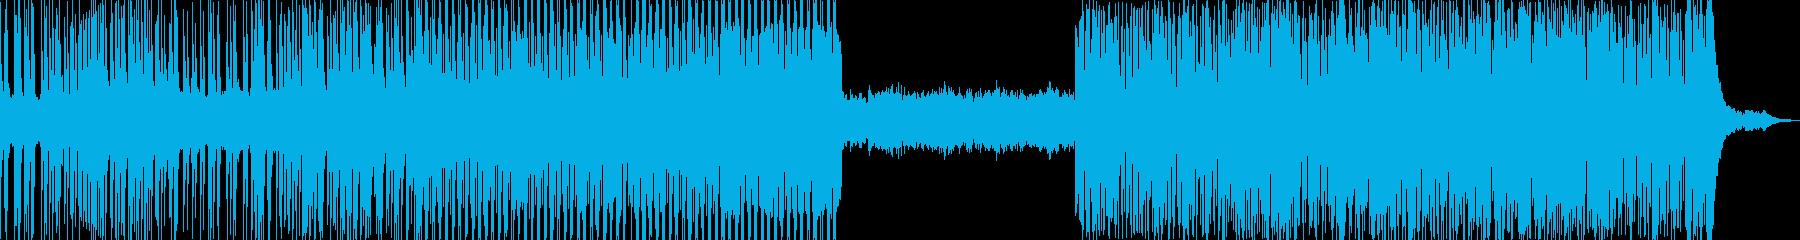 不穏で不気味、ダークなエレクトロの再生済みの波形